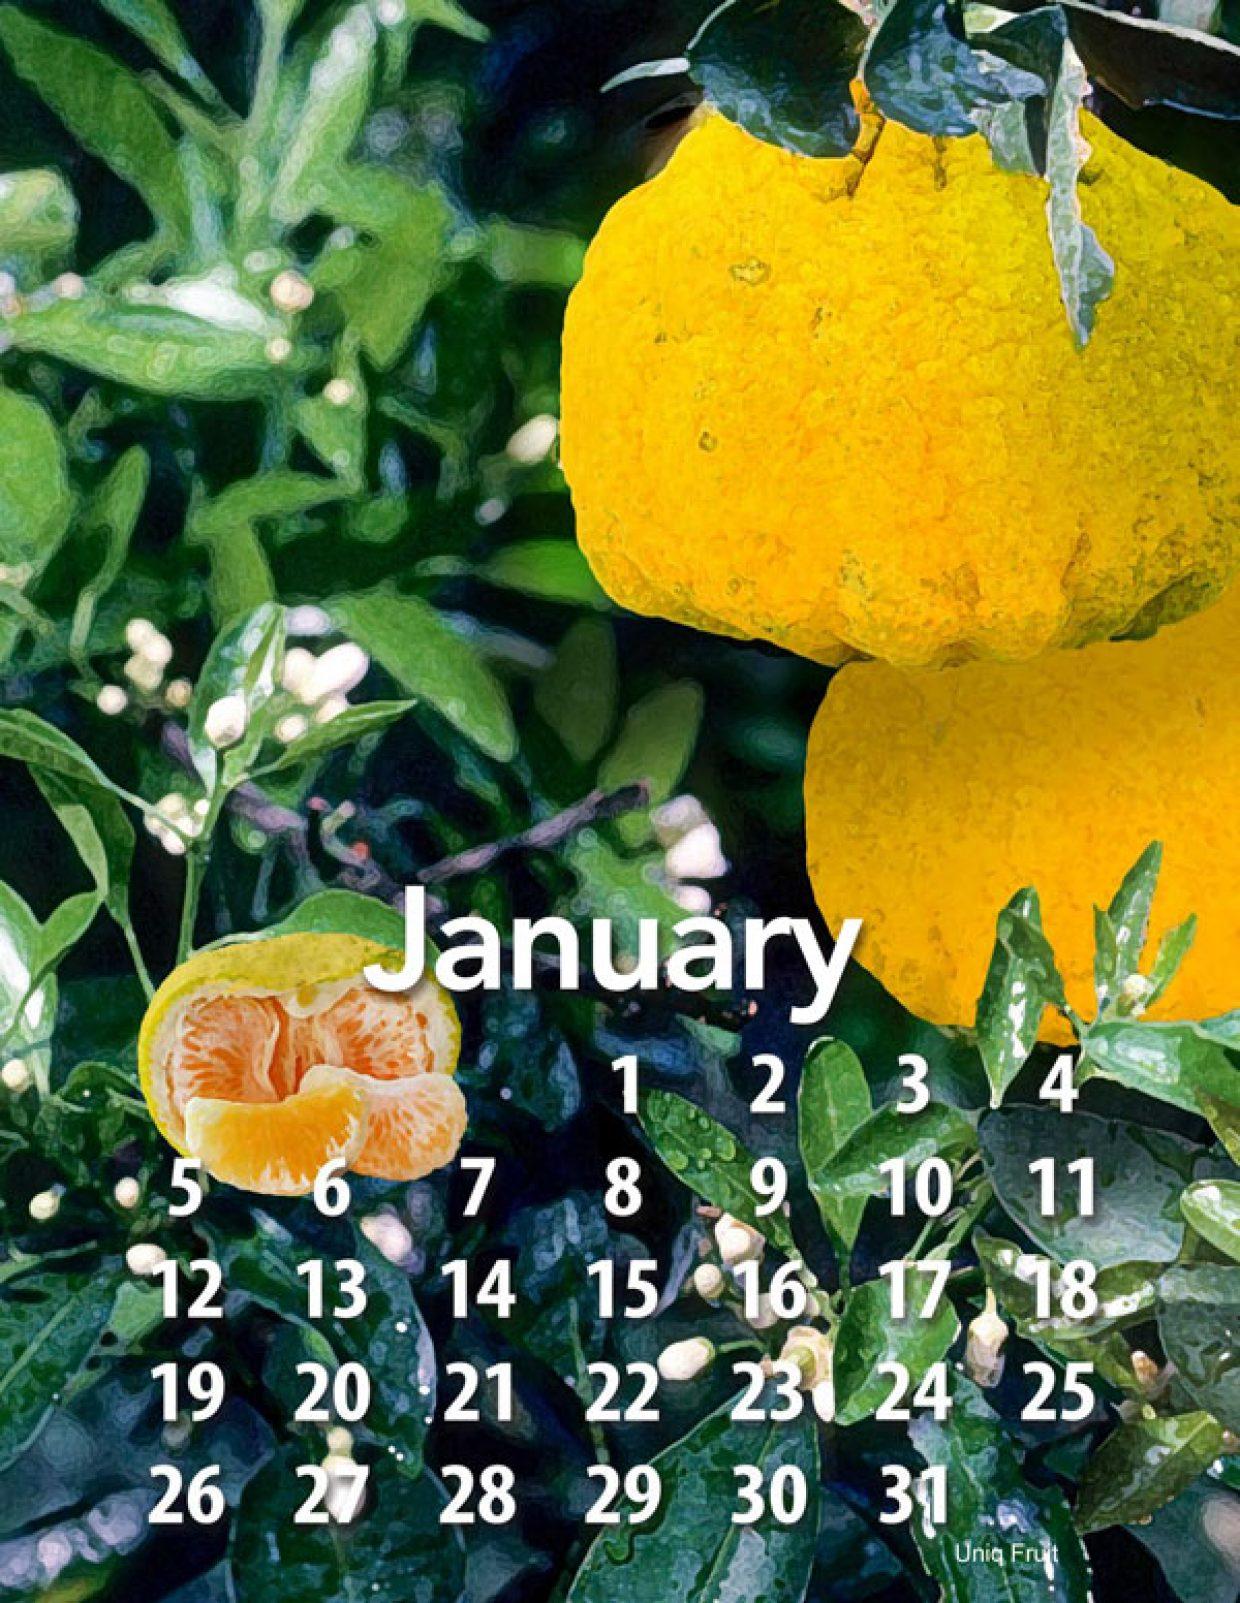 2020 Tropical Fruit calendar